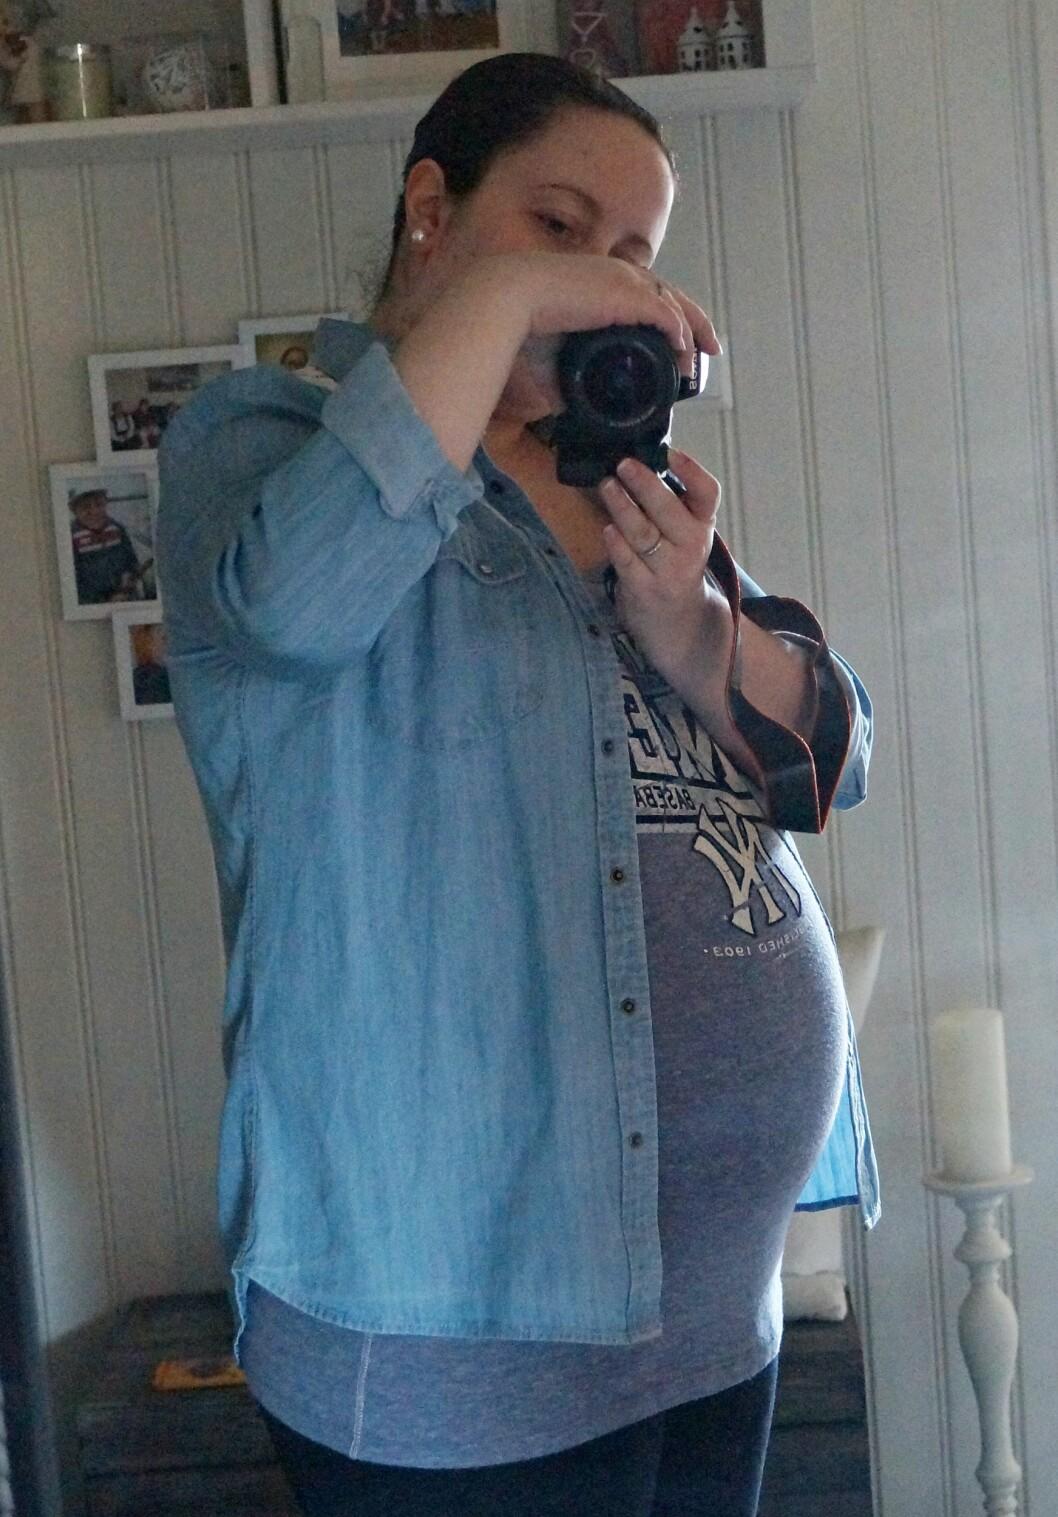 IKKE SLIK DET SKULLE BLI: Kine seg gledet seg til å bli mor for første gang, men barseltiden ble langt ifra det hun hadde forventet. Foto: Privat